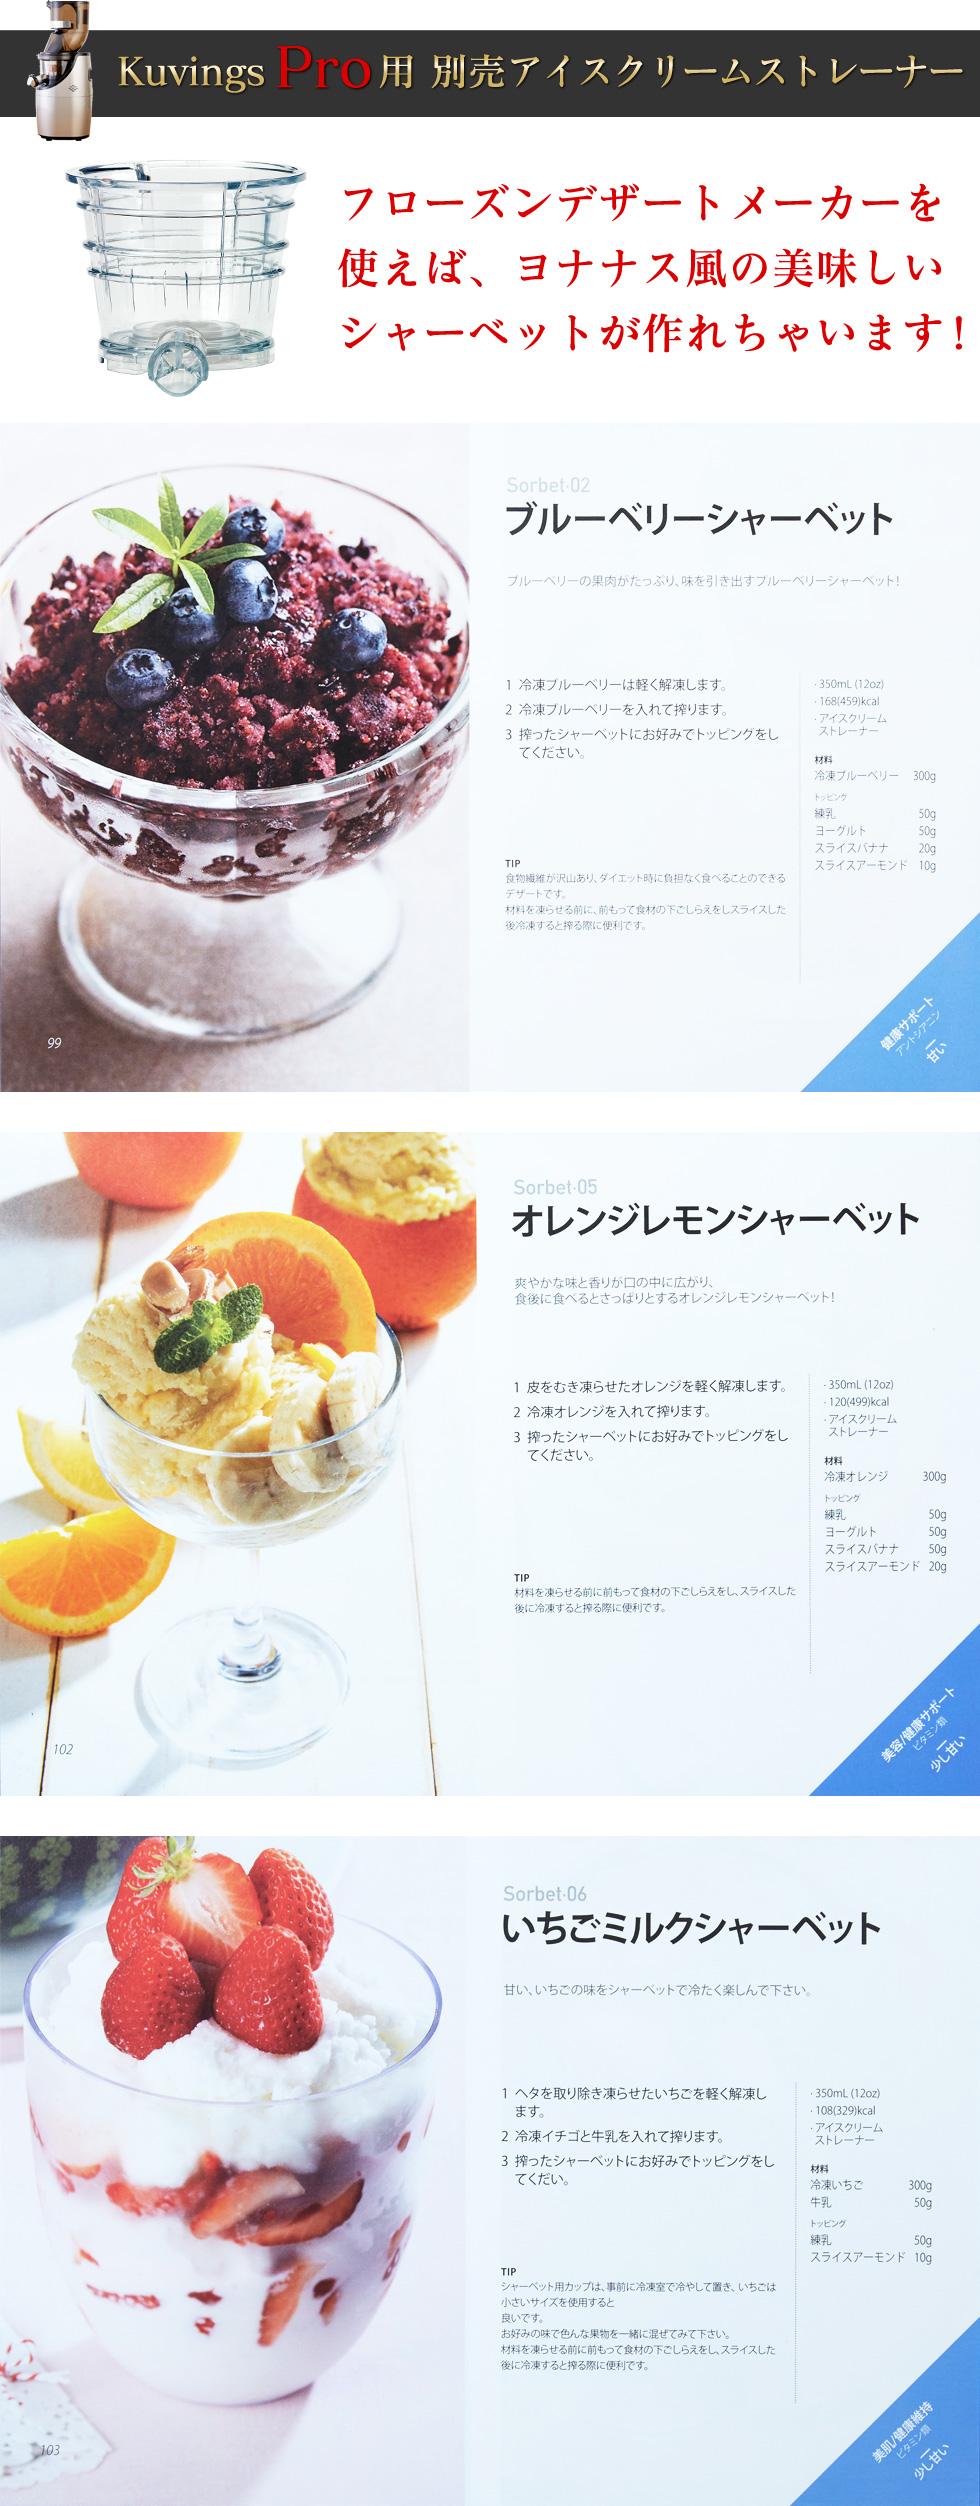 フローズンデザートメーカーを使えば、ヨナナス風の美味しいシャーベットが作れちゃいます!